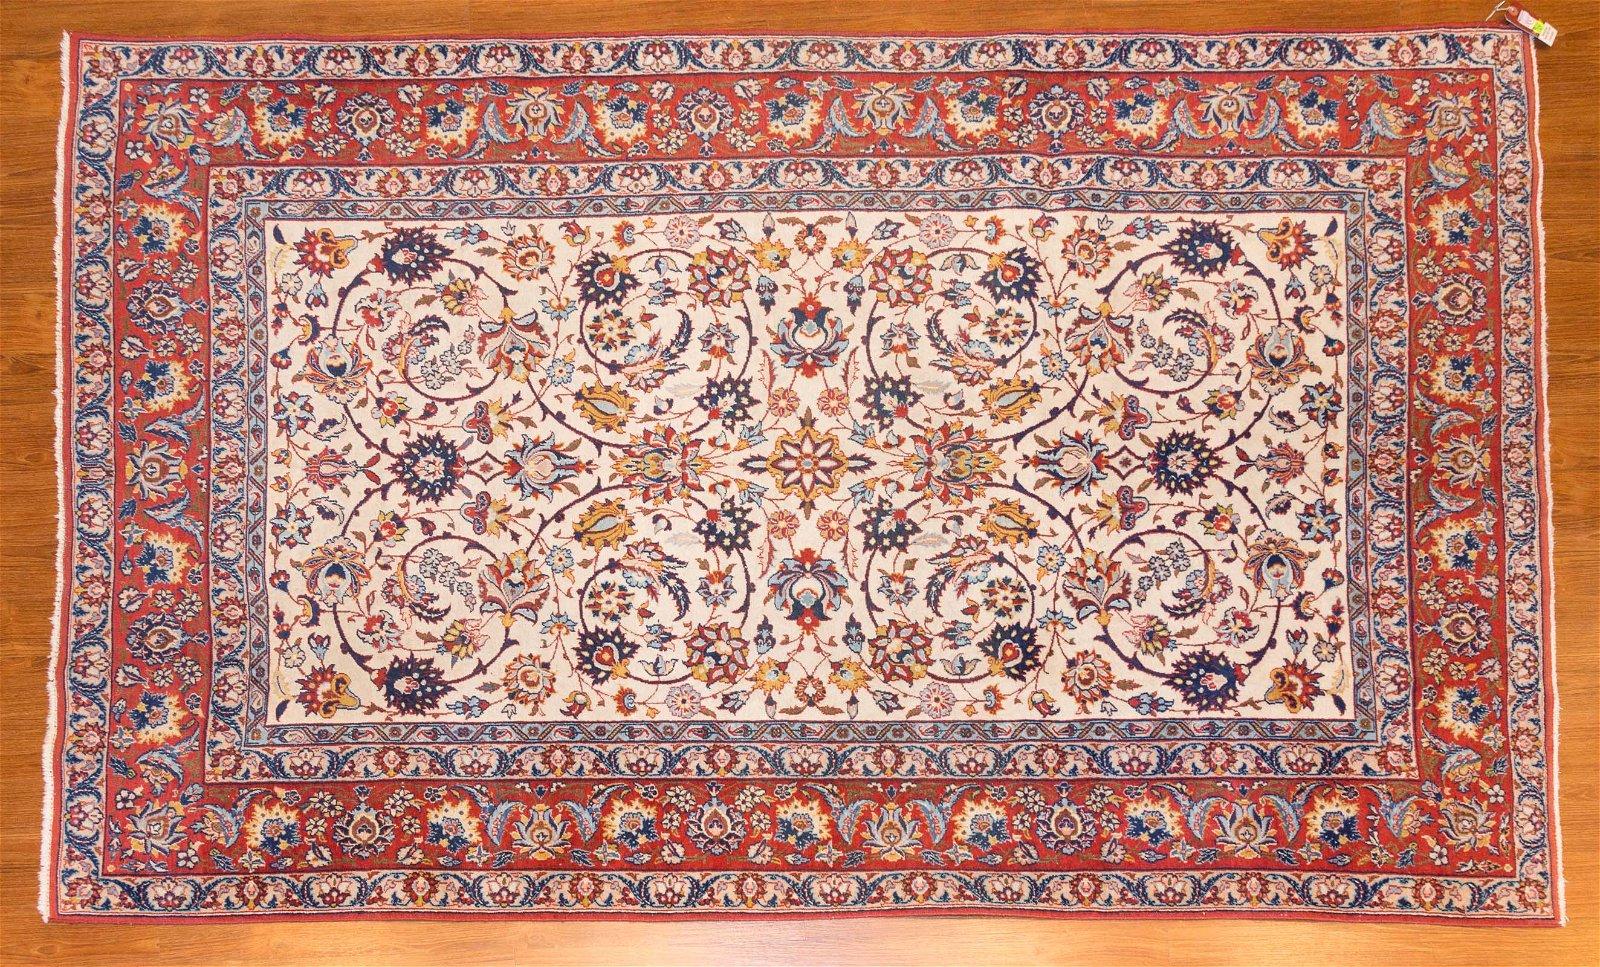 Isphahan Rug, Persia, 4.9 x 6.11